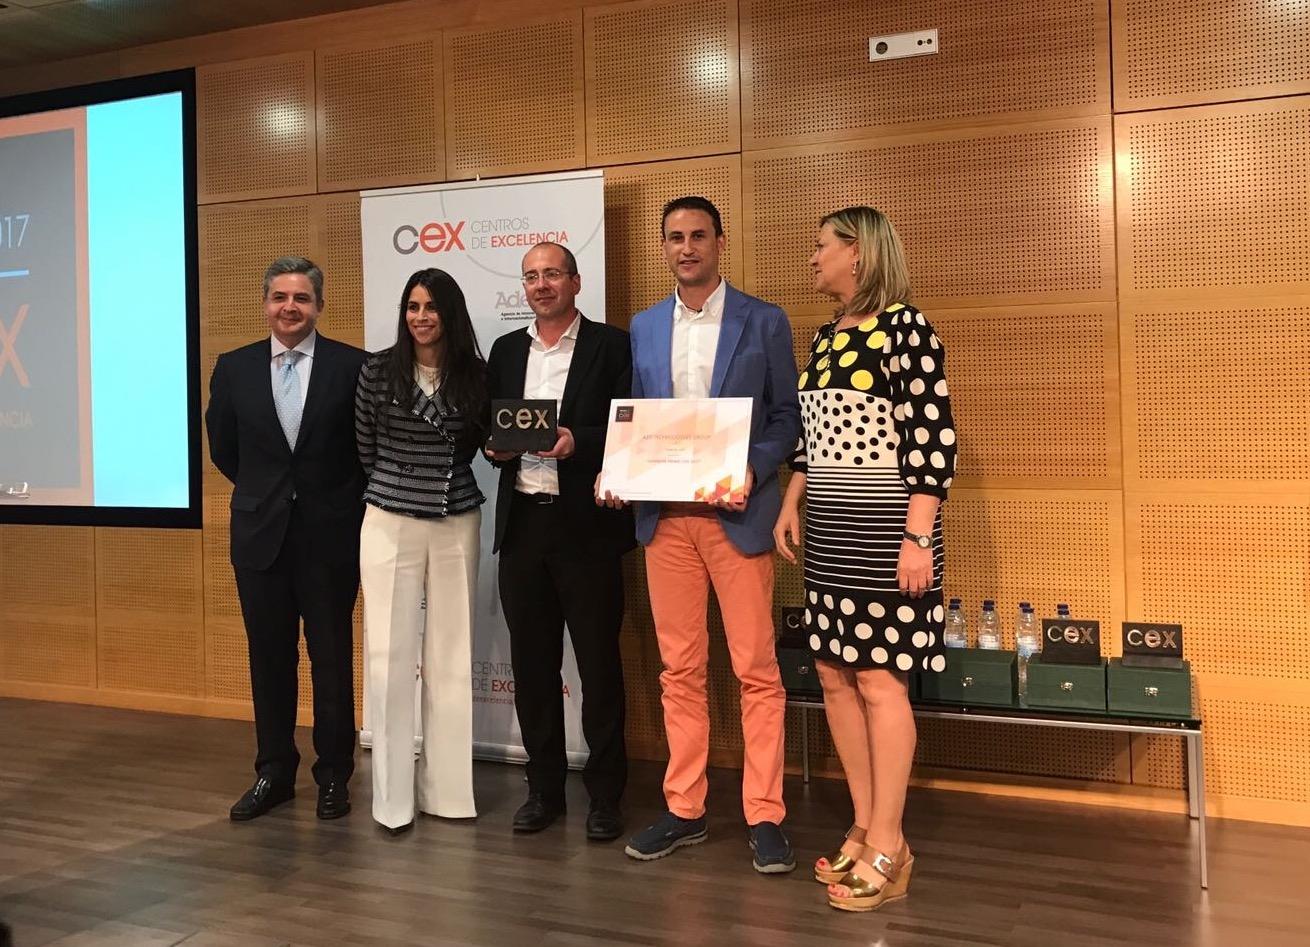 ASTI Technologies Group con Talento 4.0, Premio CEX 2017 a las Buenas Prácticas en Transformación Digital